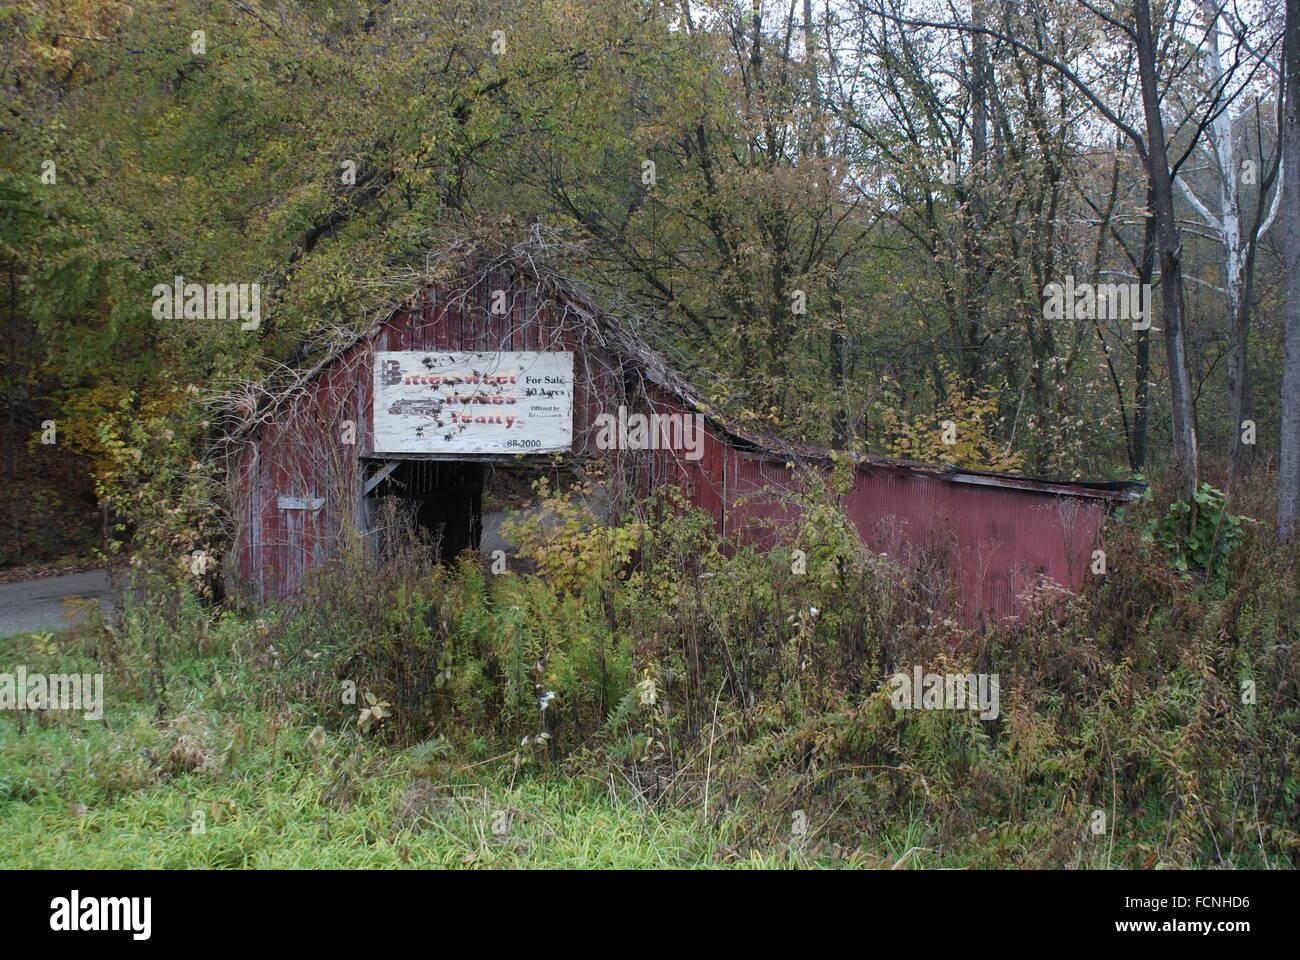 Abandonner une vieille grange couverte de mauvaises herbes et de vignes. Photo Stock